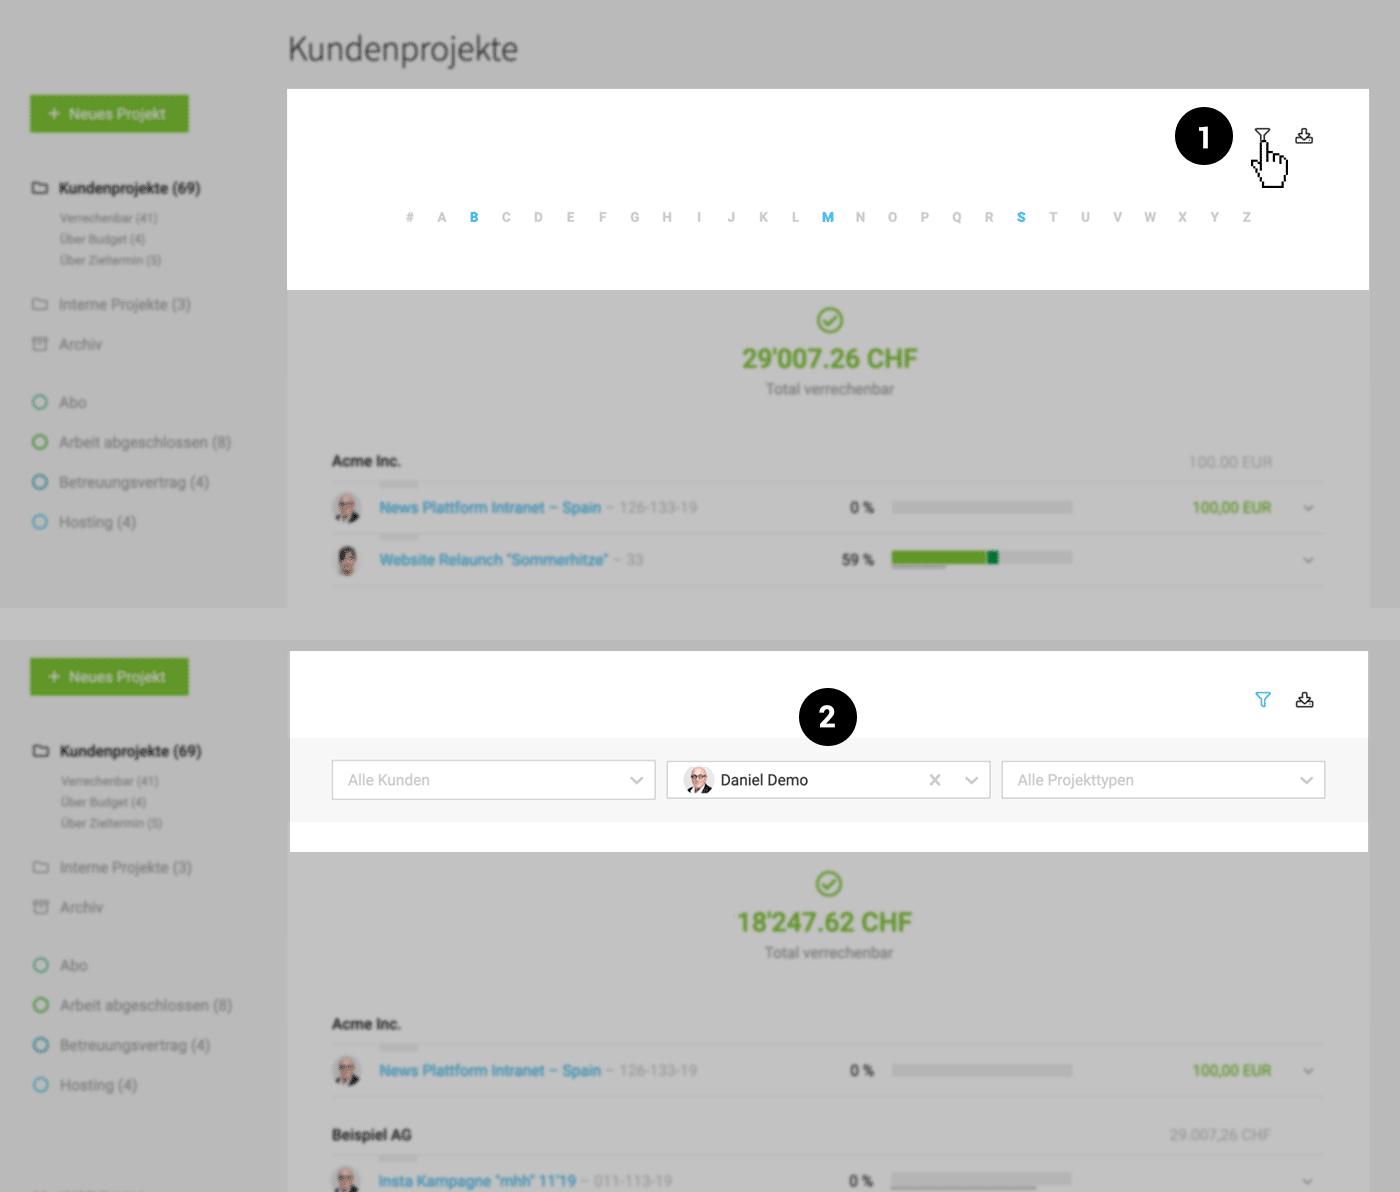 Projektmanagement: Filterung von Projekten